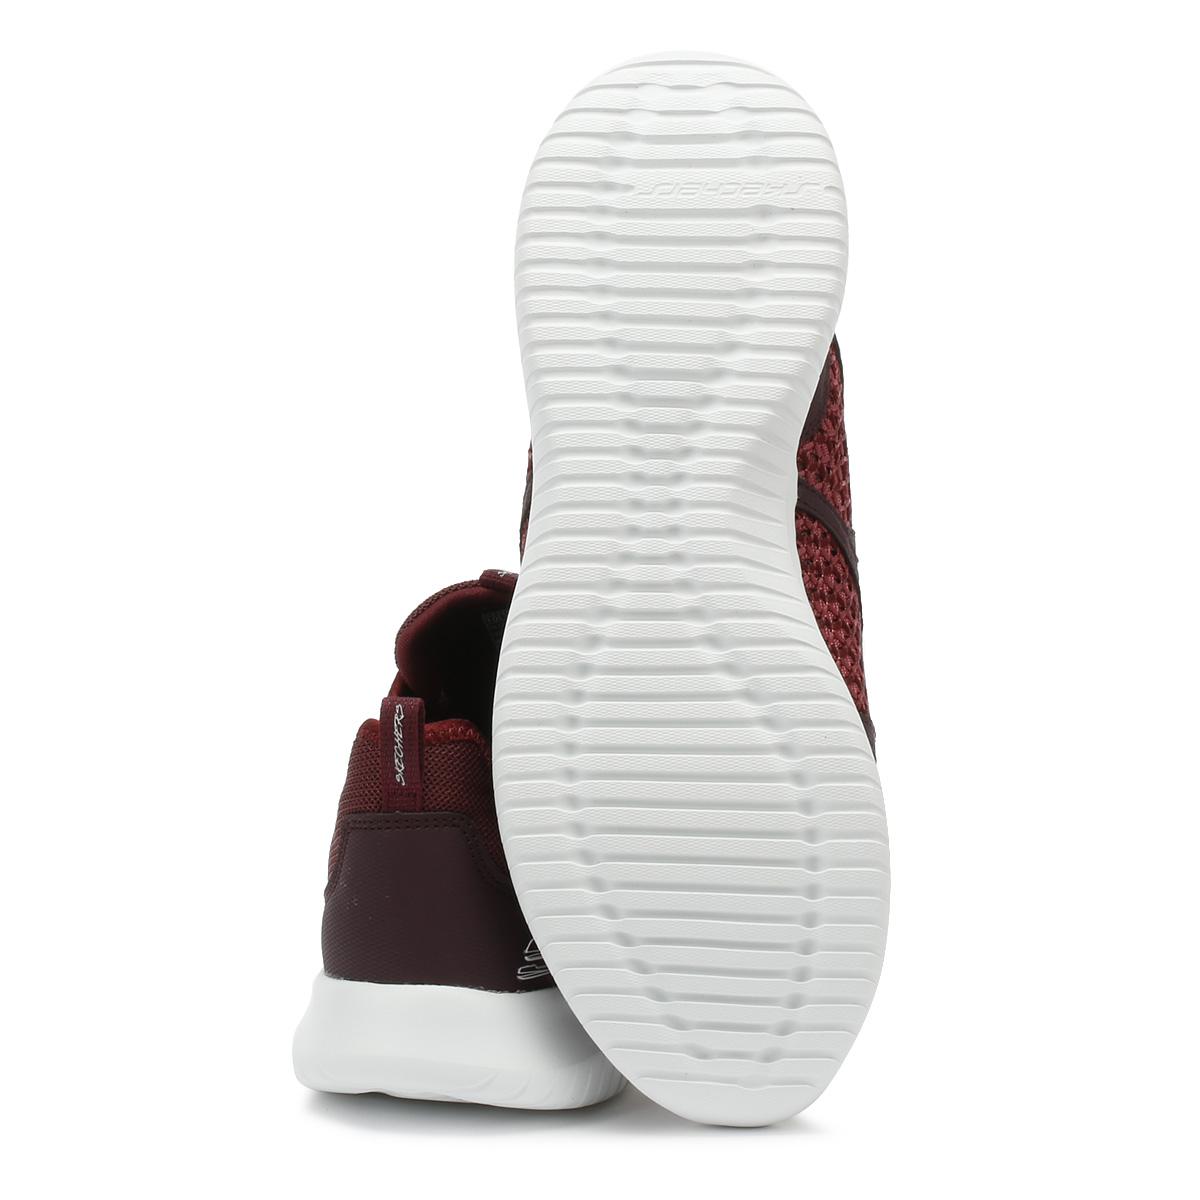 Skechers Damenschuhe Trainers Burgundy Casual Ultra Flex New Deal Sport Casual Burgundy Schuhes e5811a